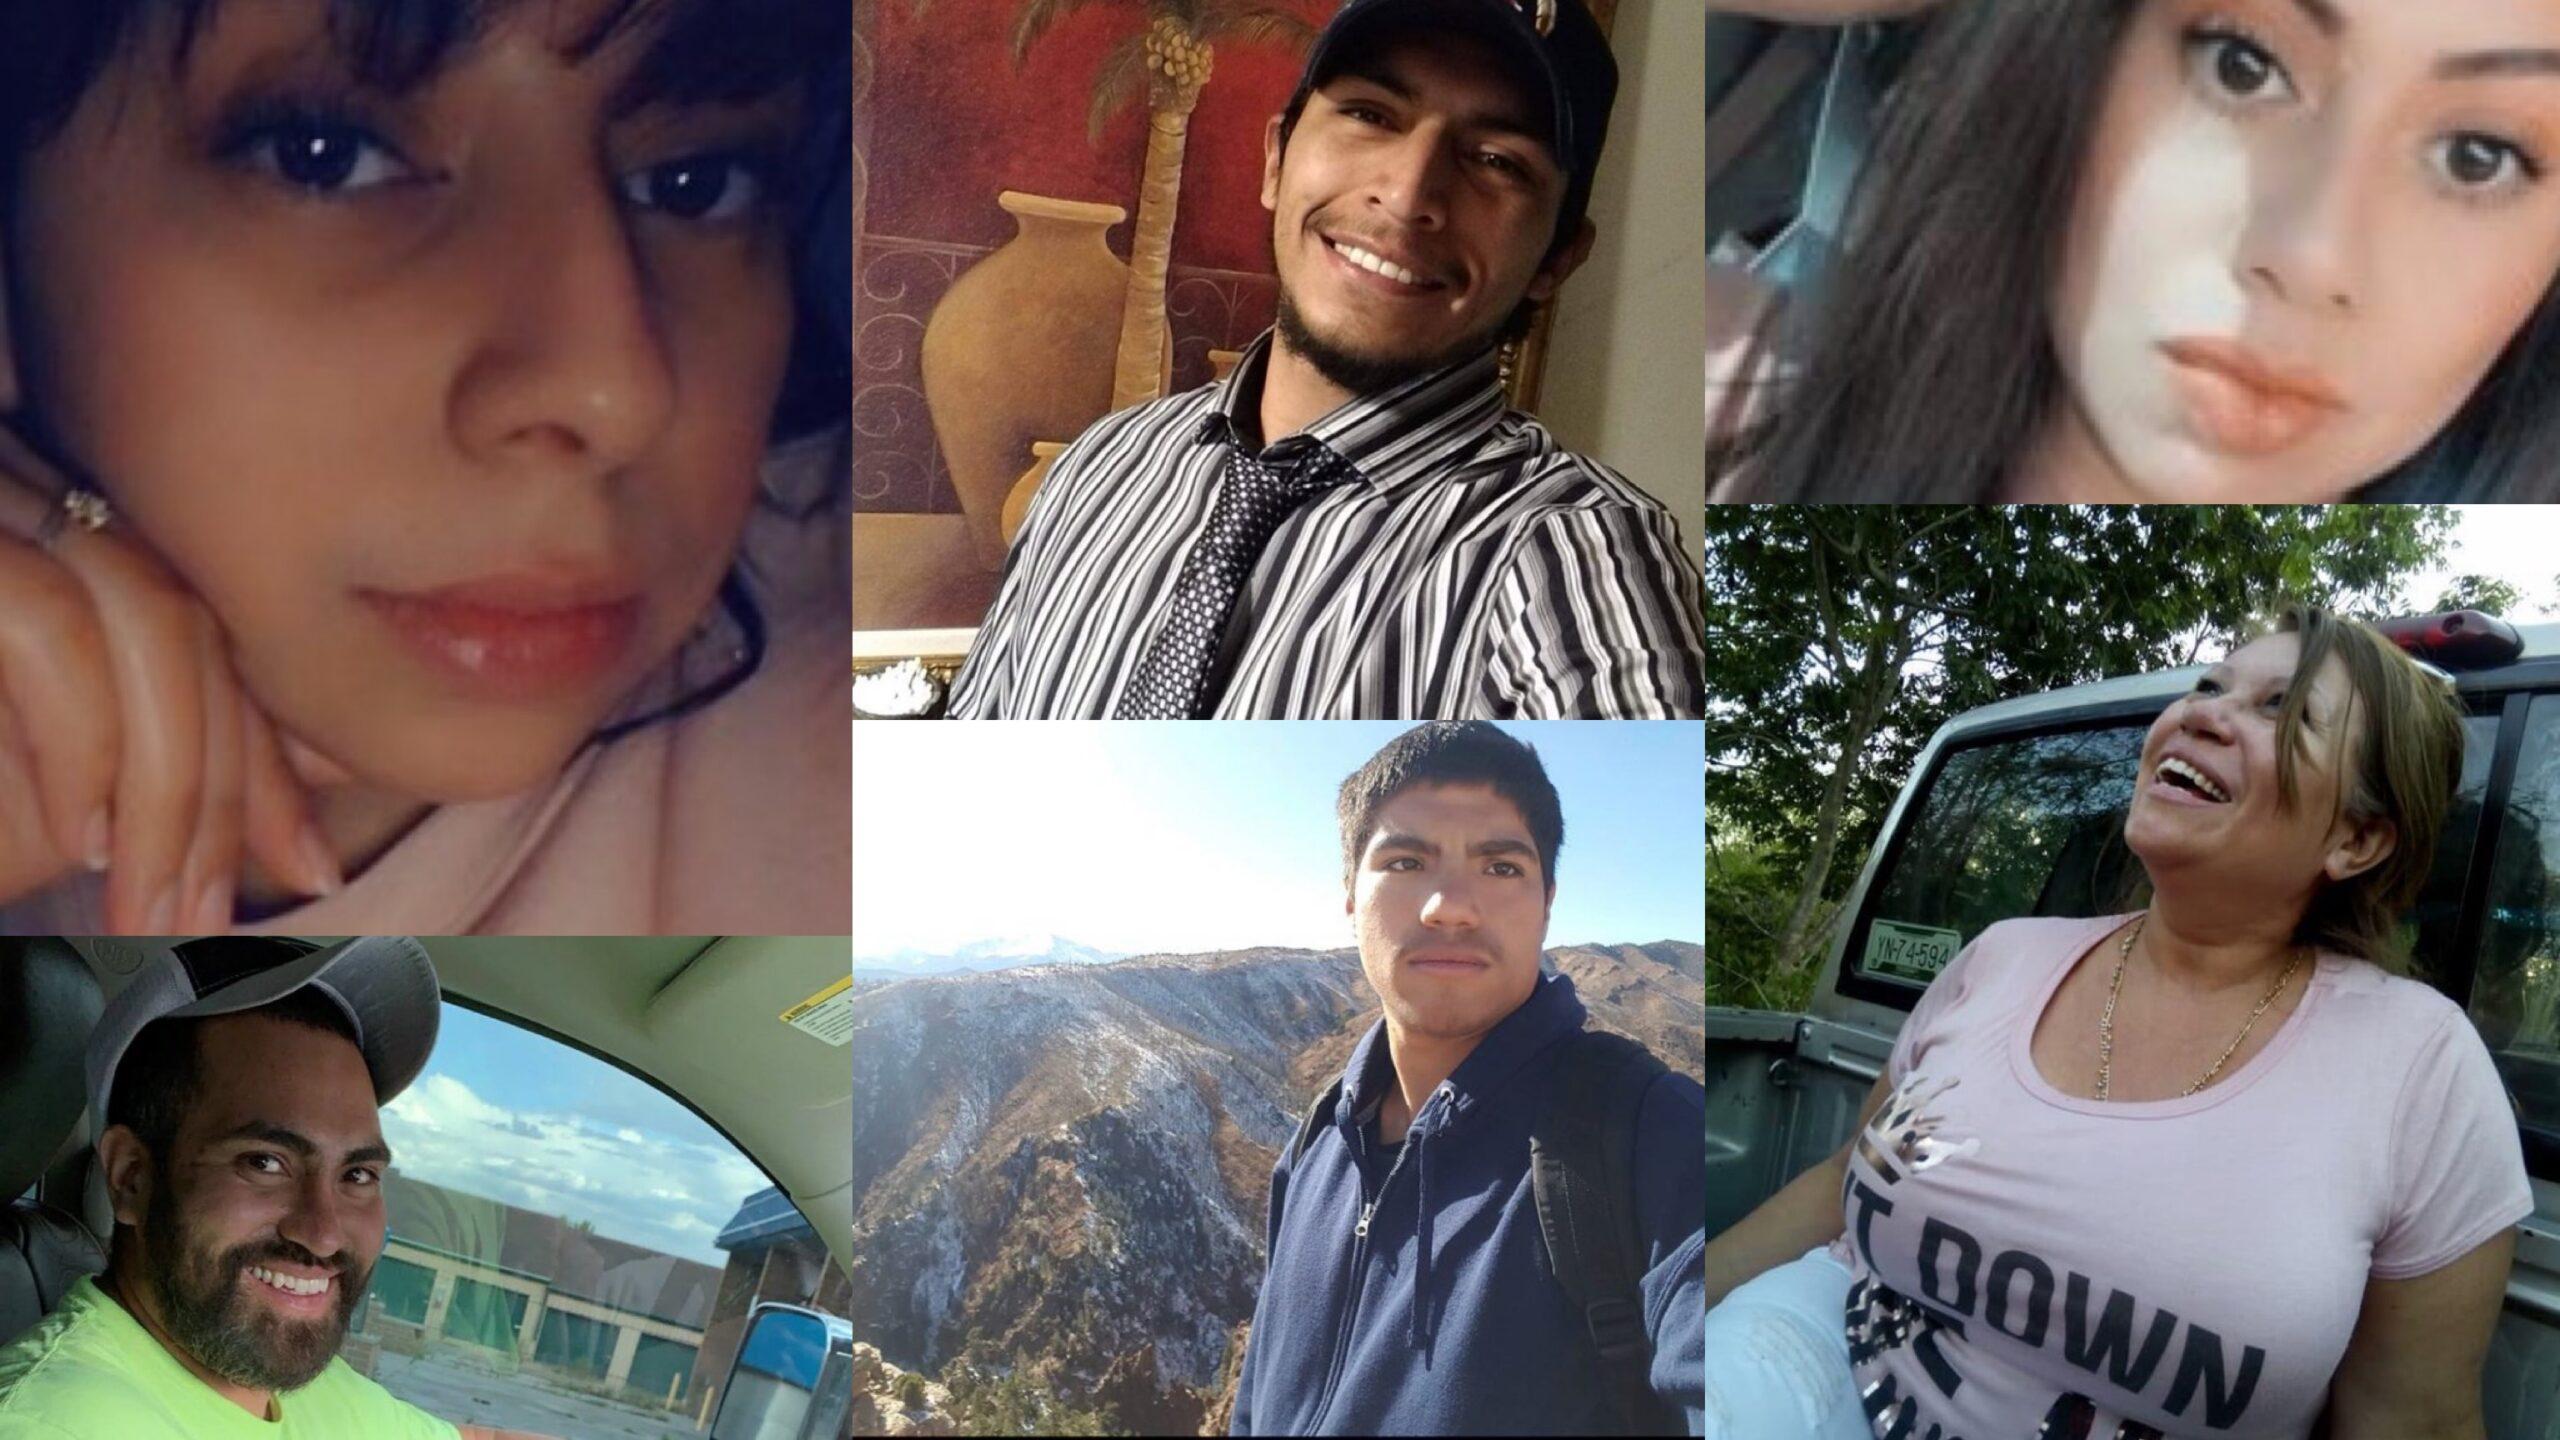 Masacre-en-fiesta-de-cumpleanos-en-Colorado-Springs